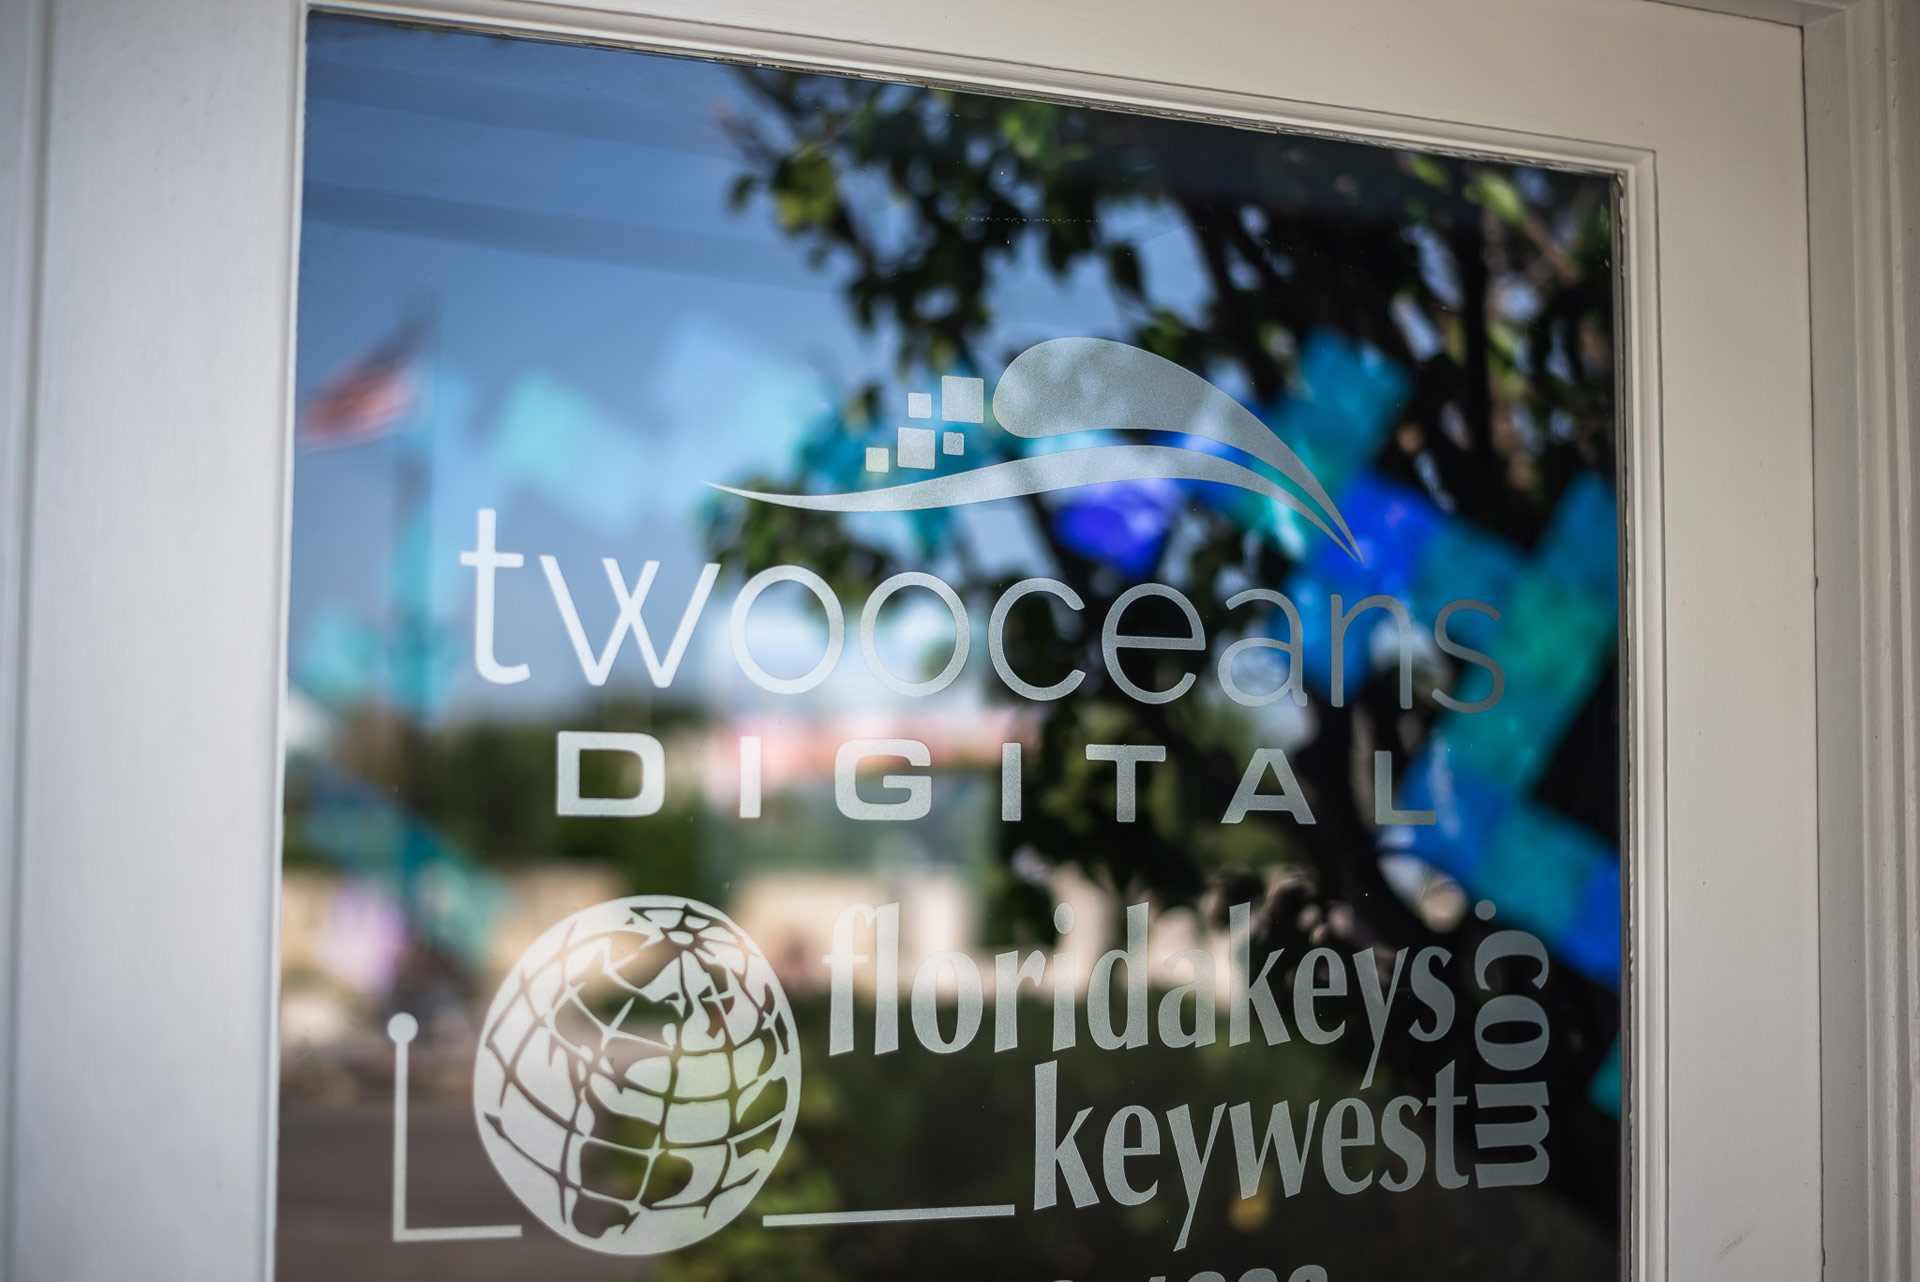 Two Oceans Digital Door